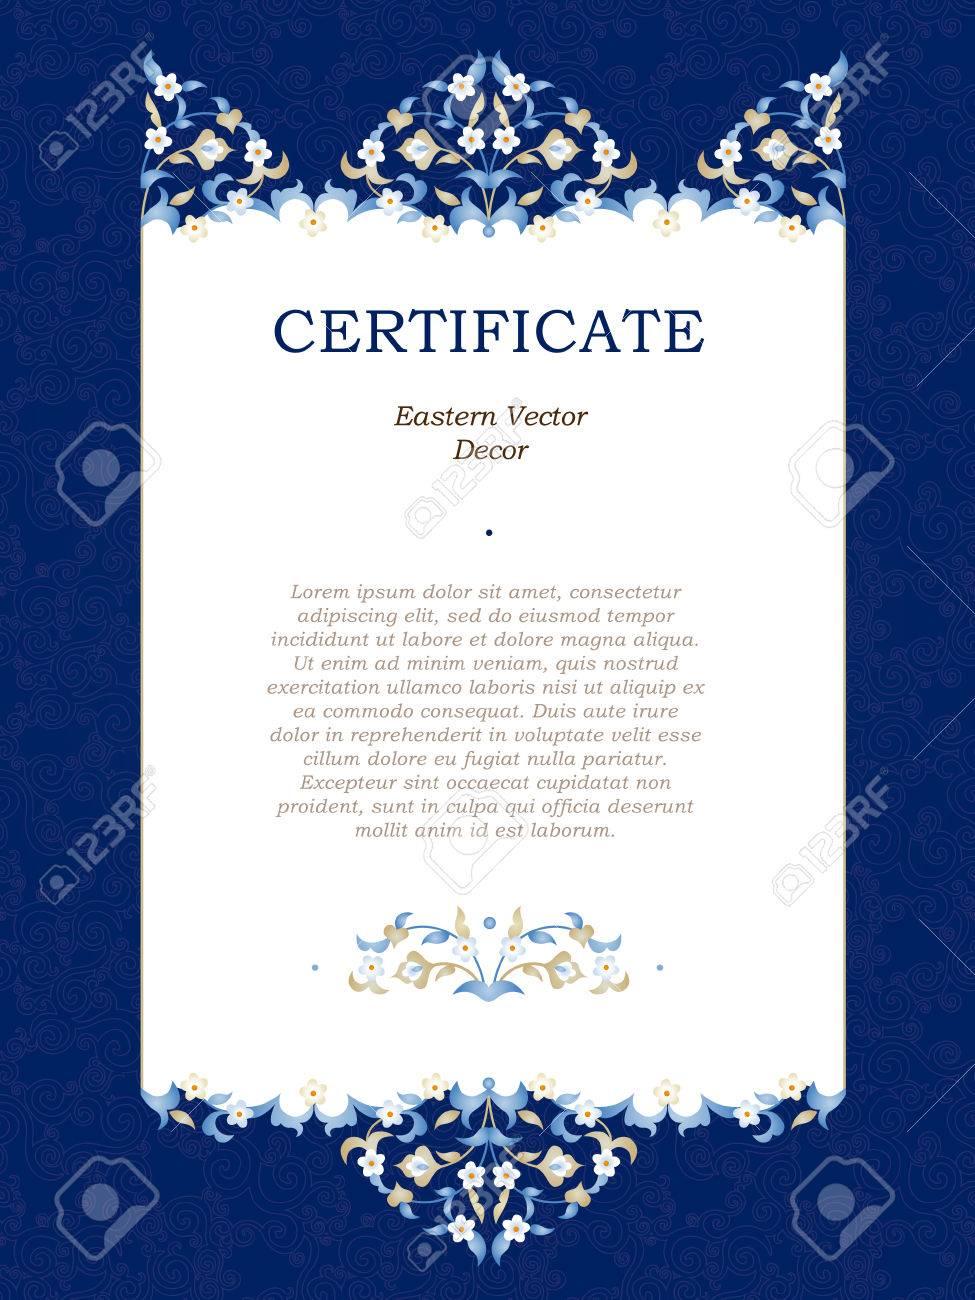 Großartig Offizielle Zertifikatvorlage Zeitgenössisch - Entry Level ...